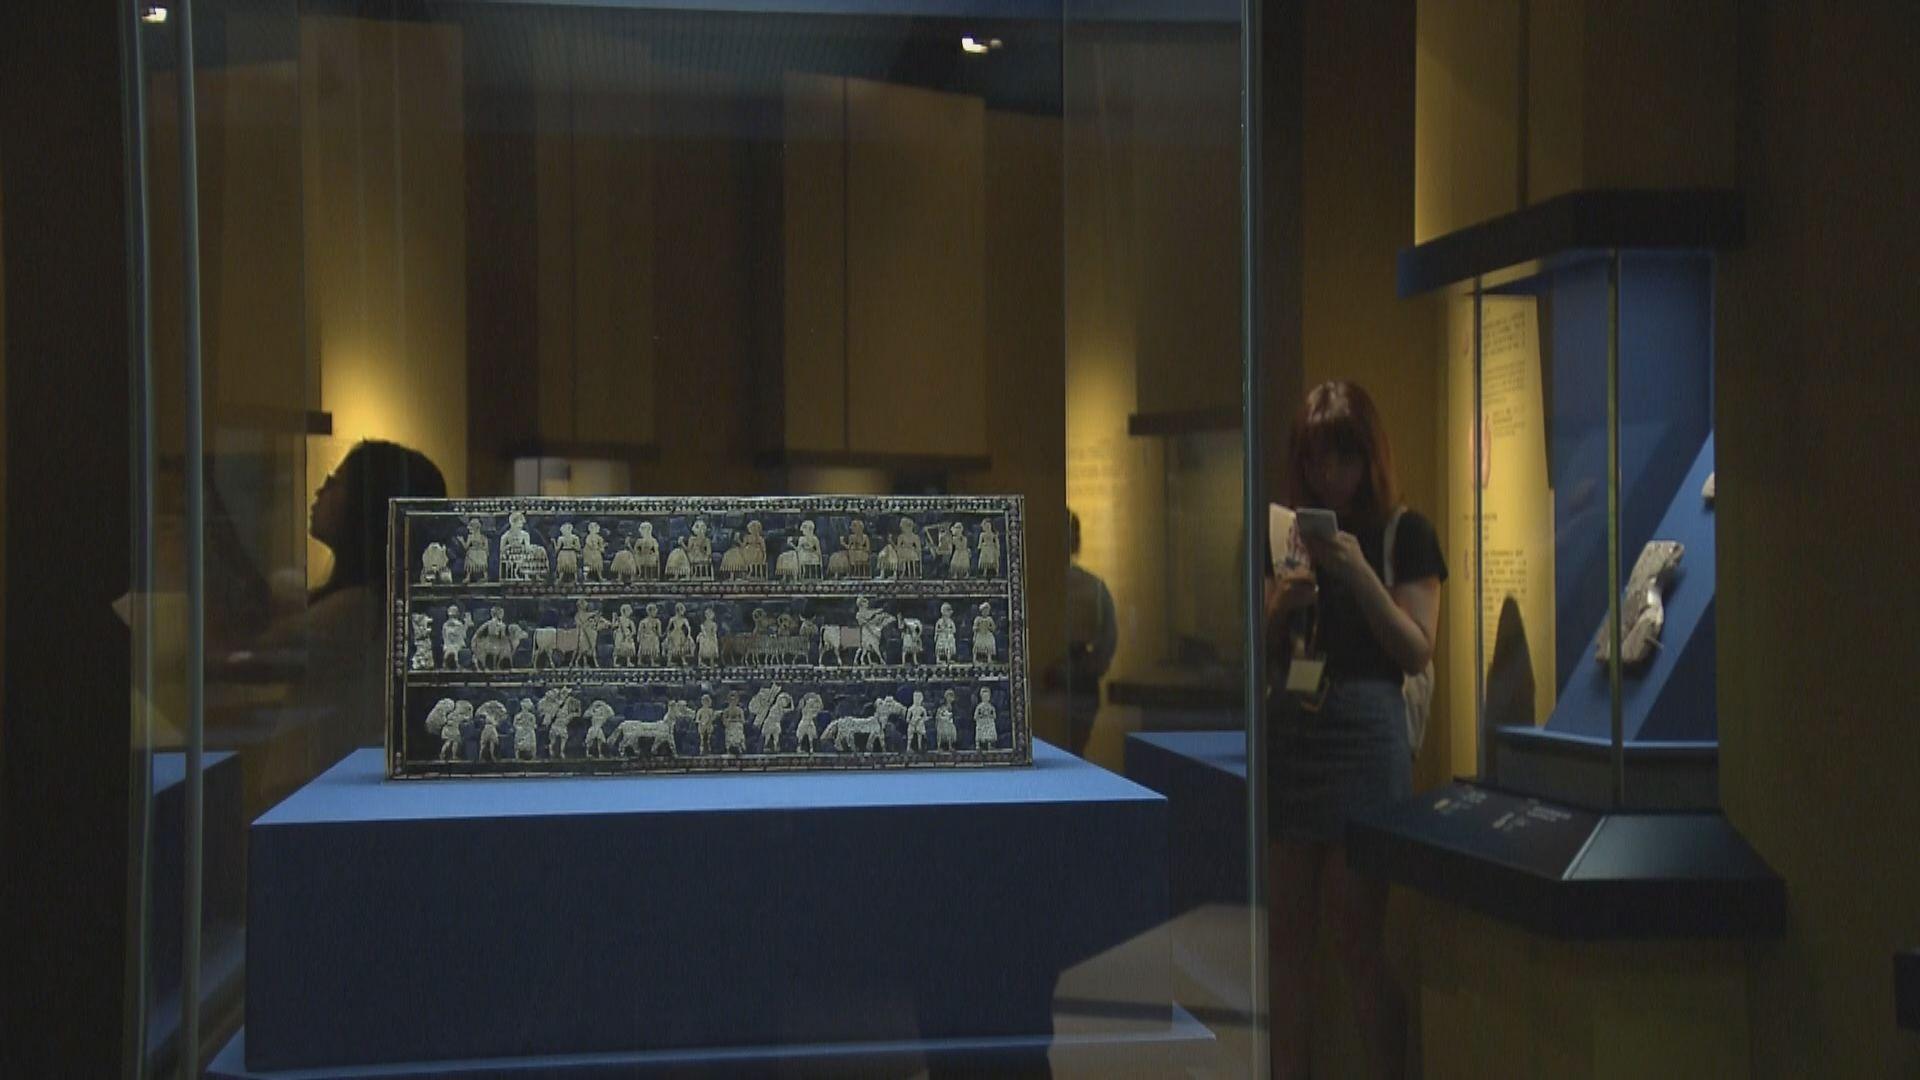 【好去處】百物看世界展覽於文化博物館舉行